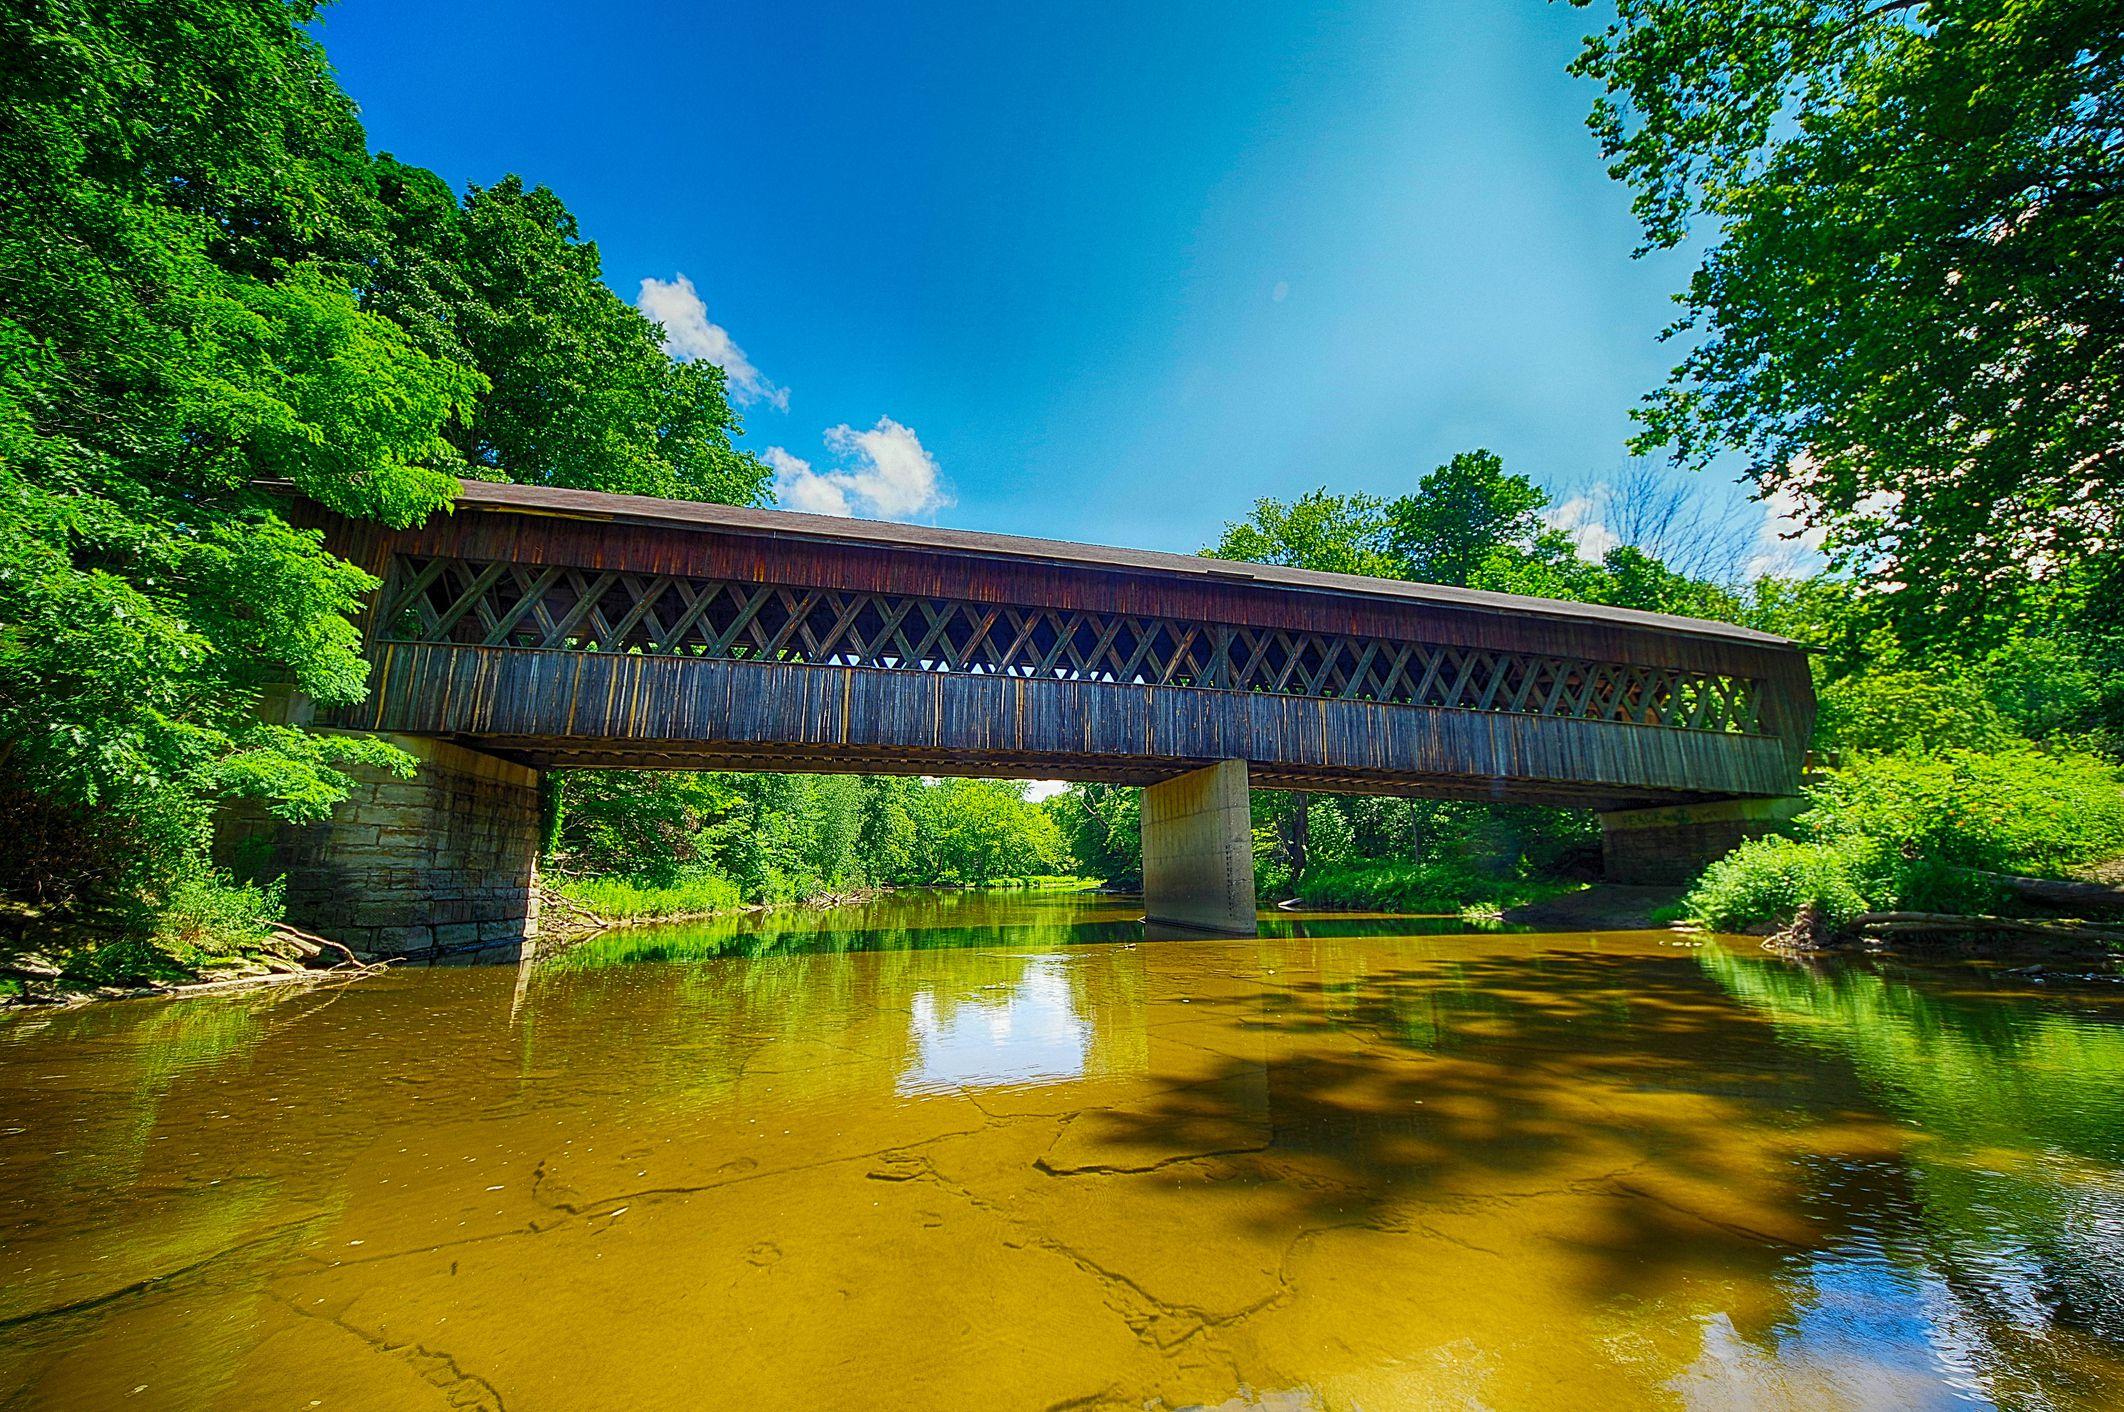 Conneaut Creek Covered Bridge Side view